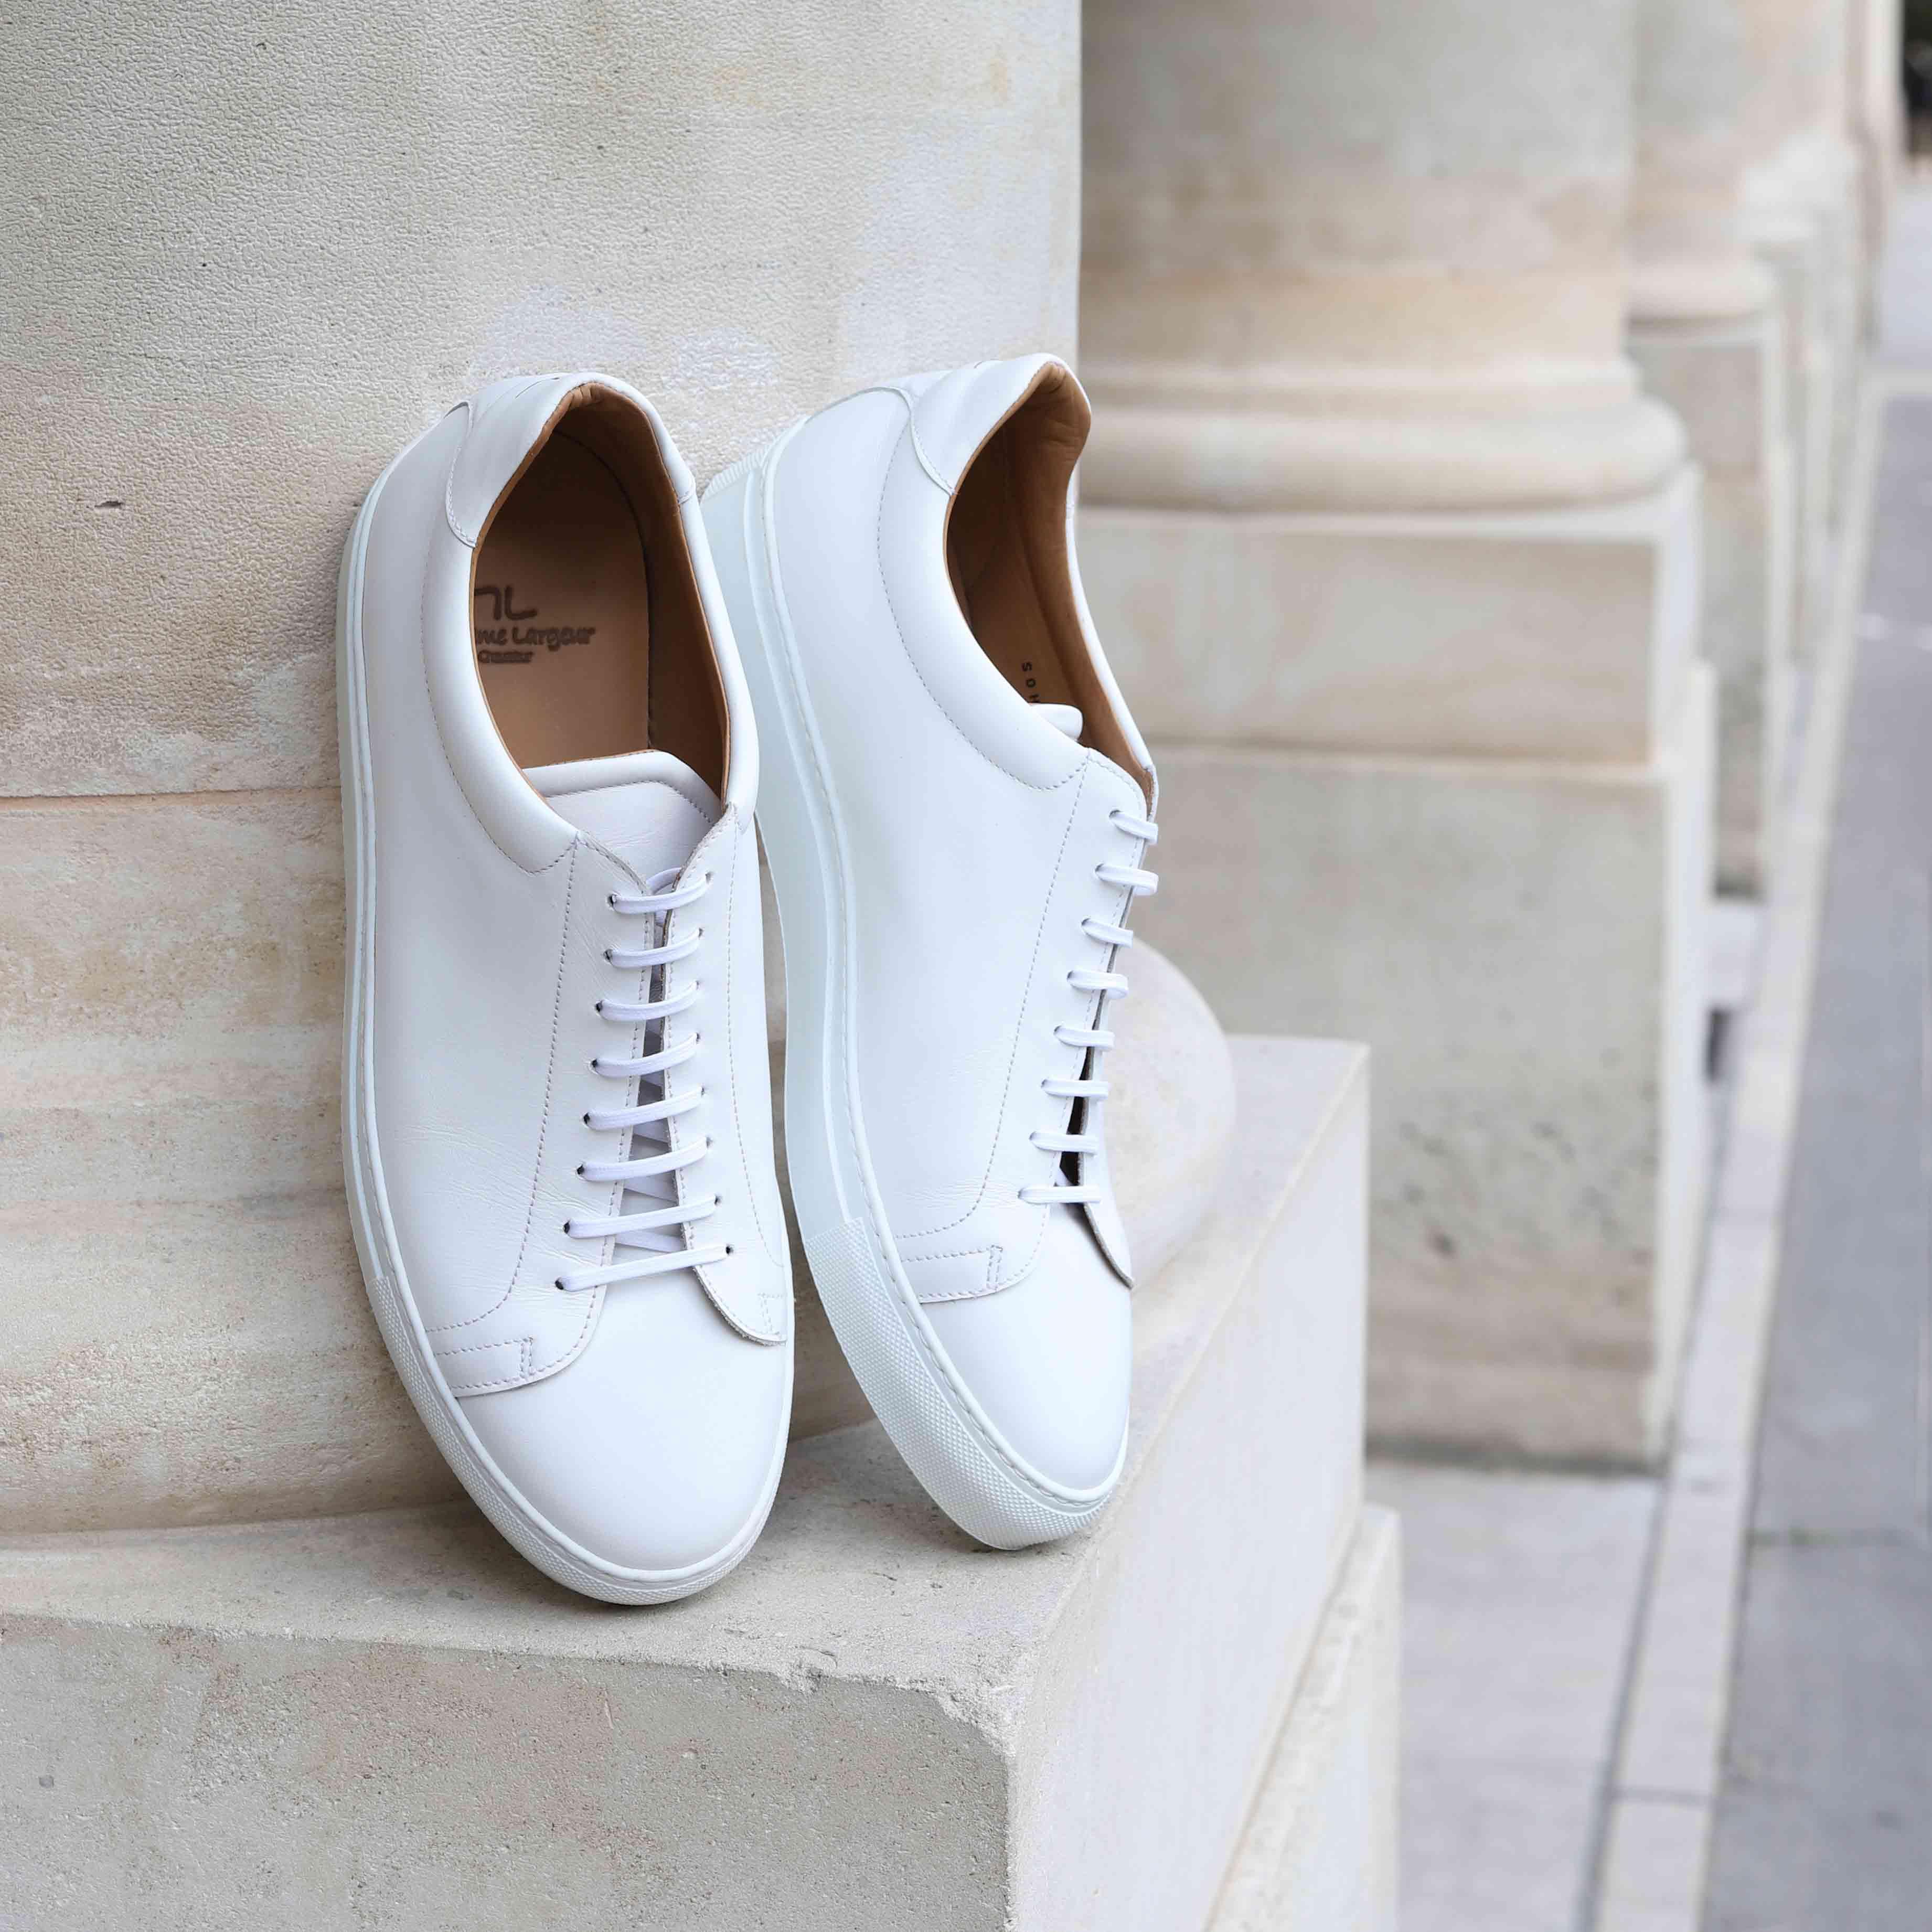 7L Sneakers